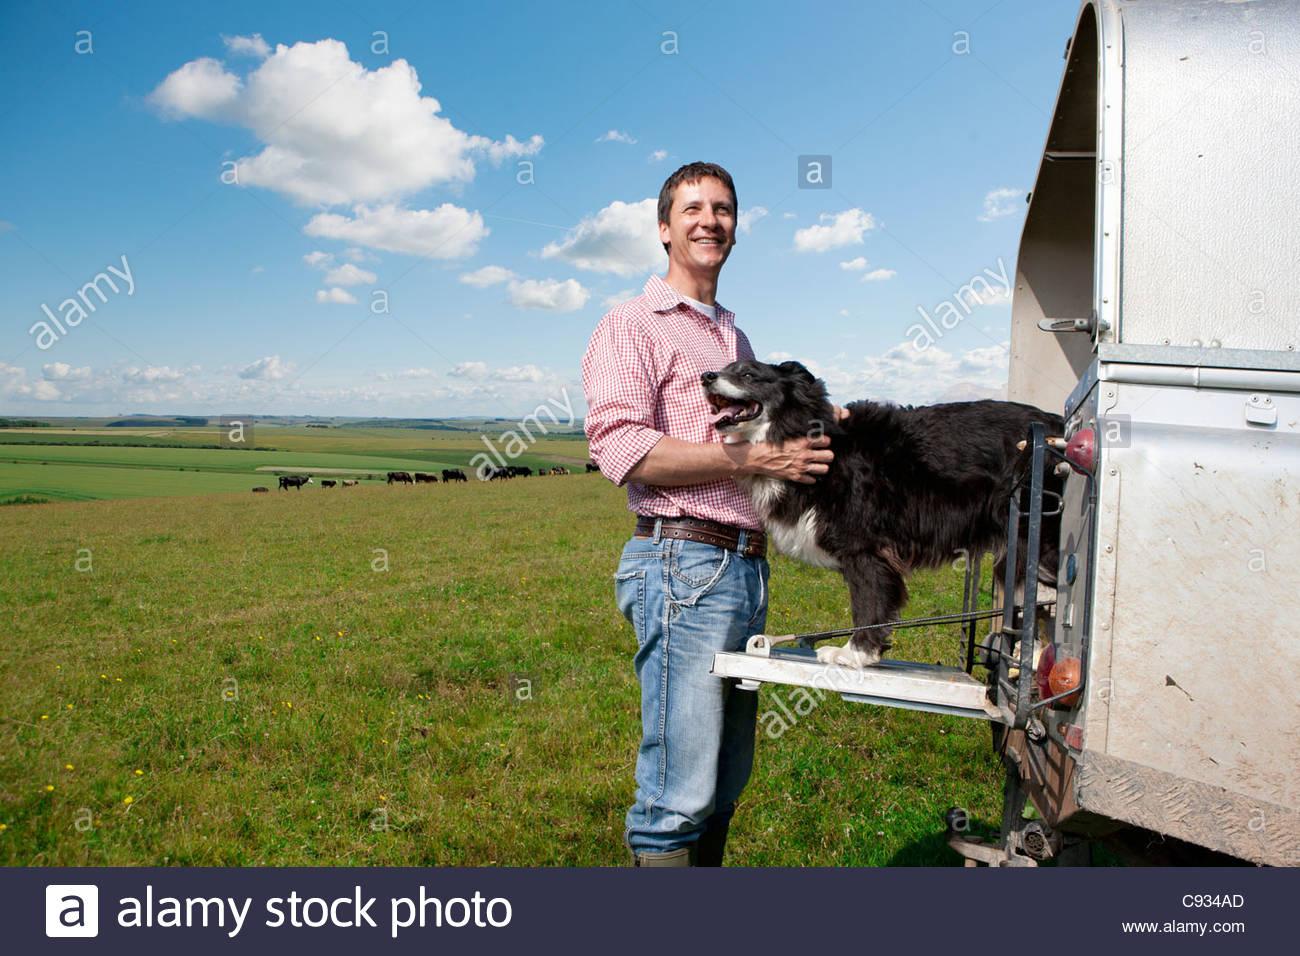 Retrato del agricultor sonriente acariciándole dog en el portón de la carretilla en el campo Imagen De Stock